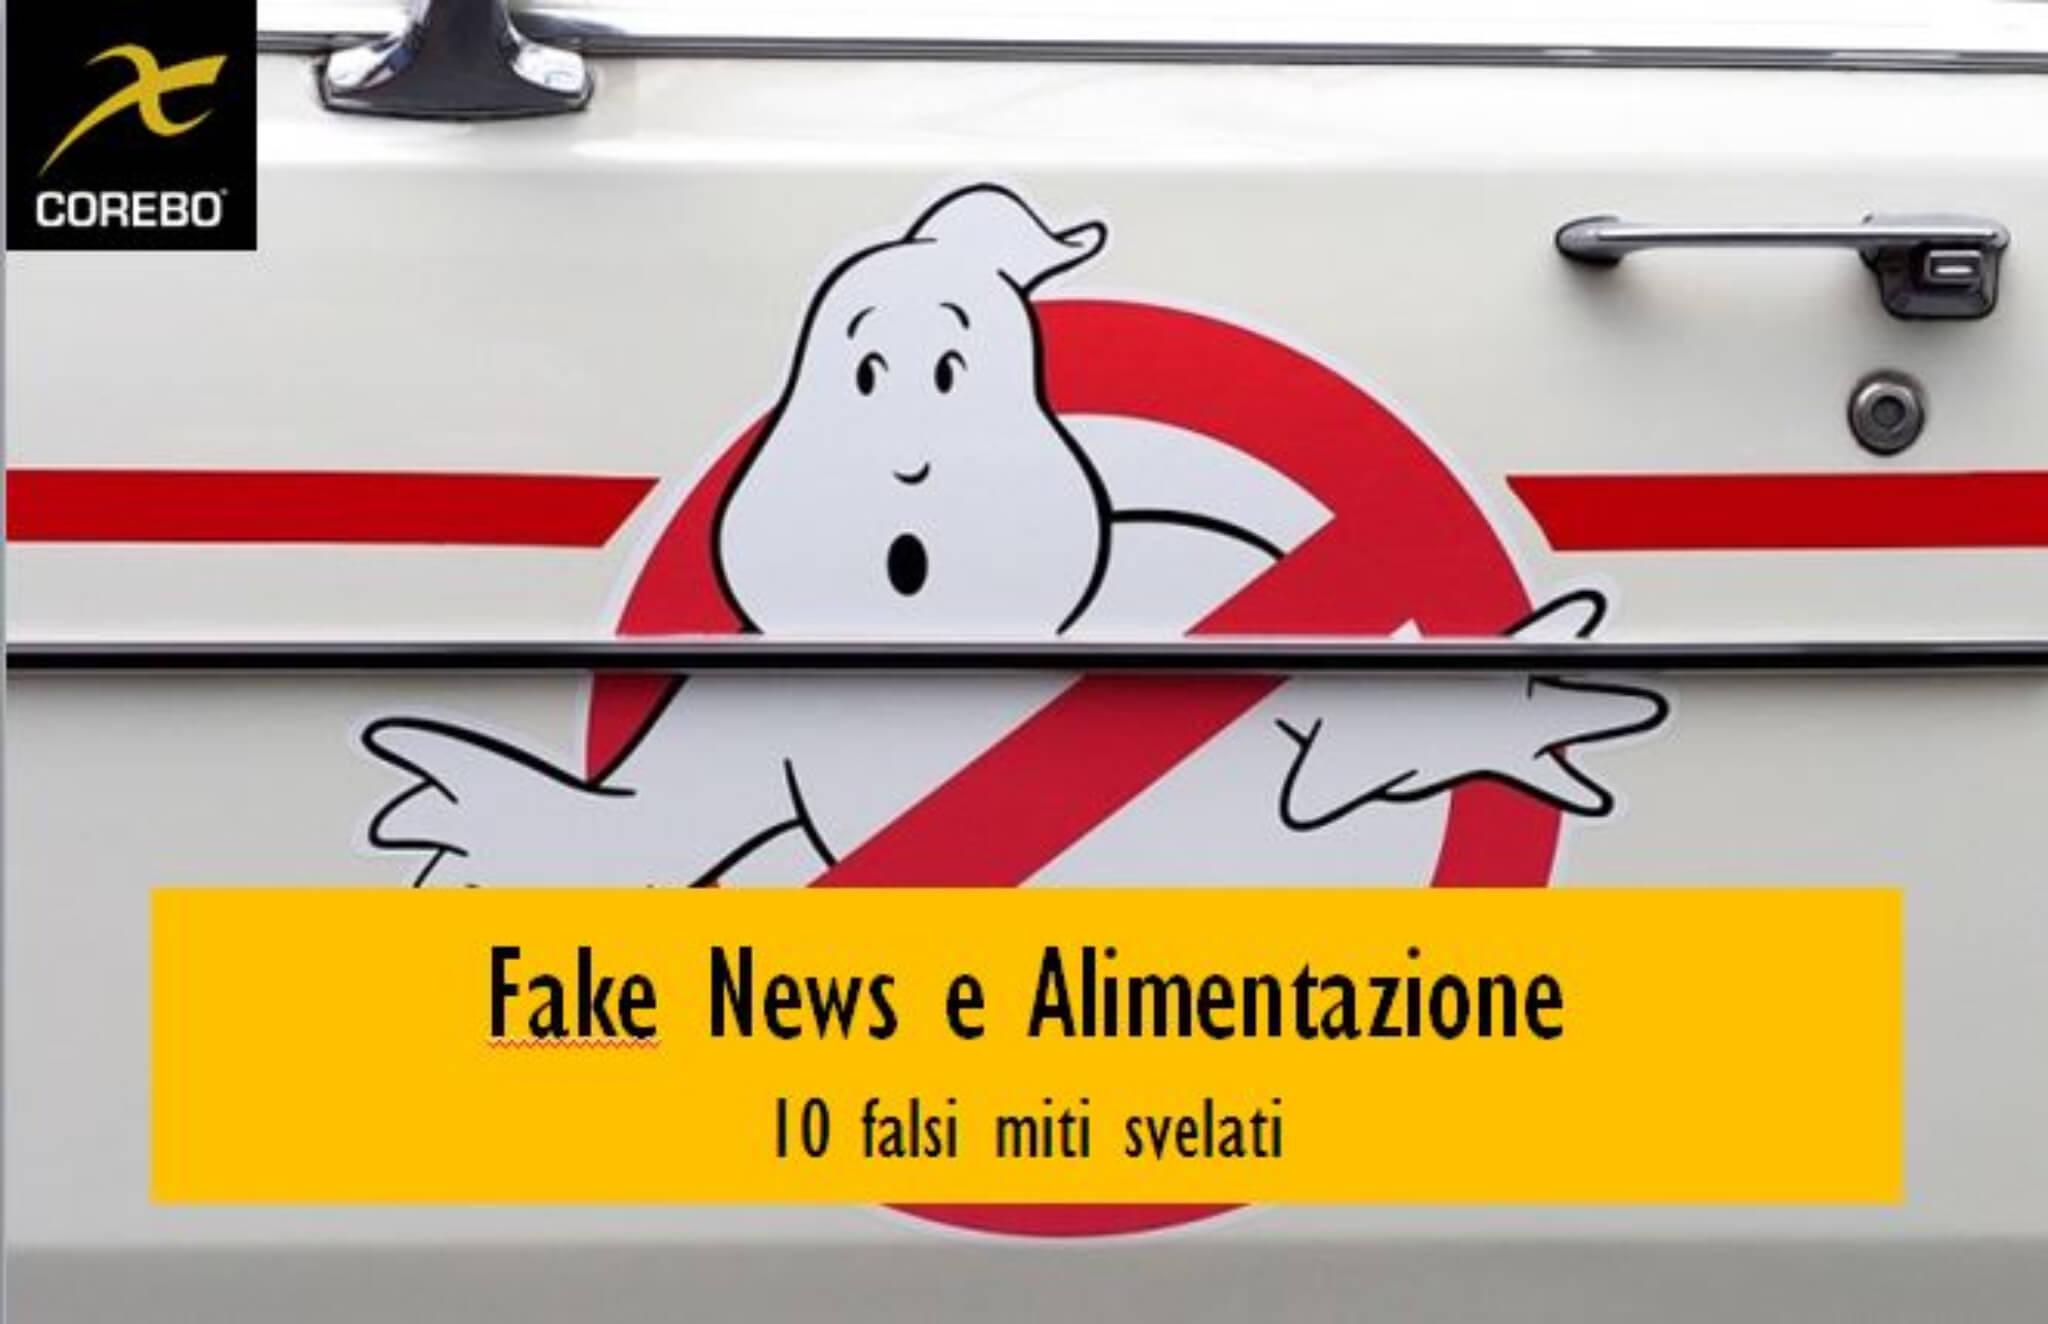 Fake news sull'alimentazione